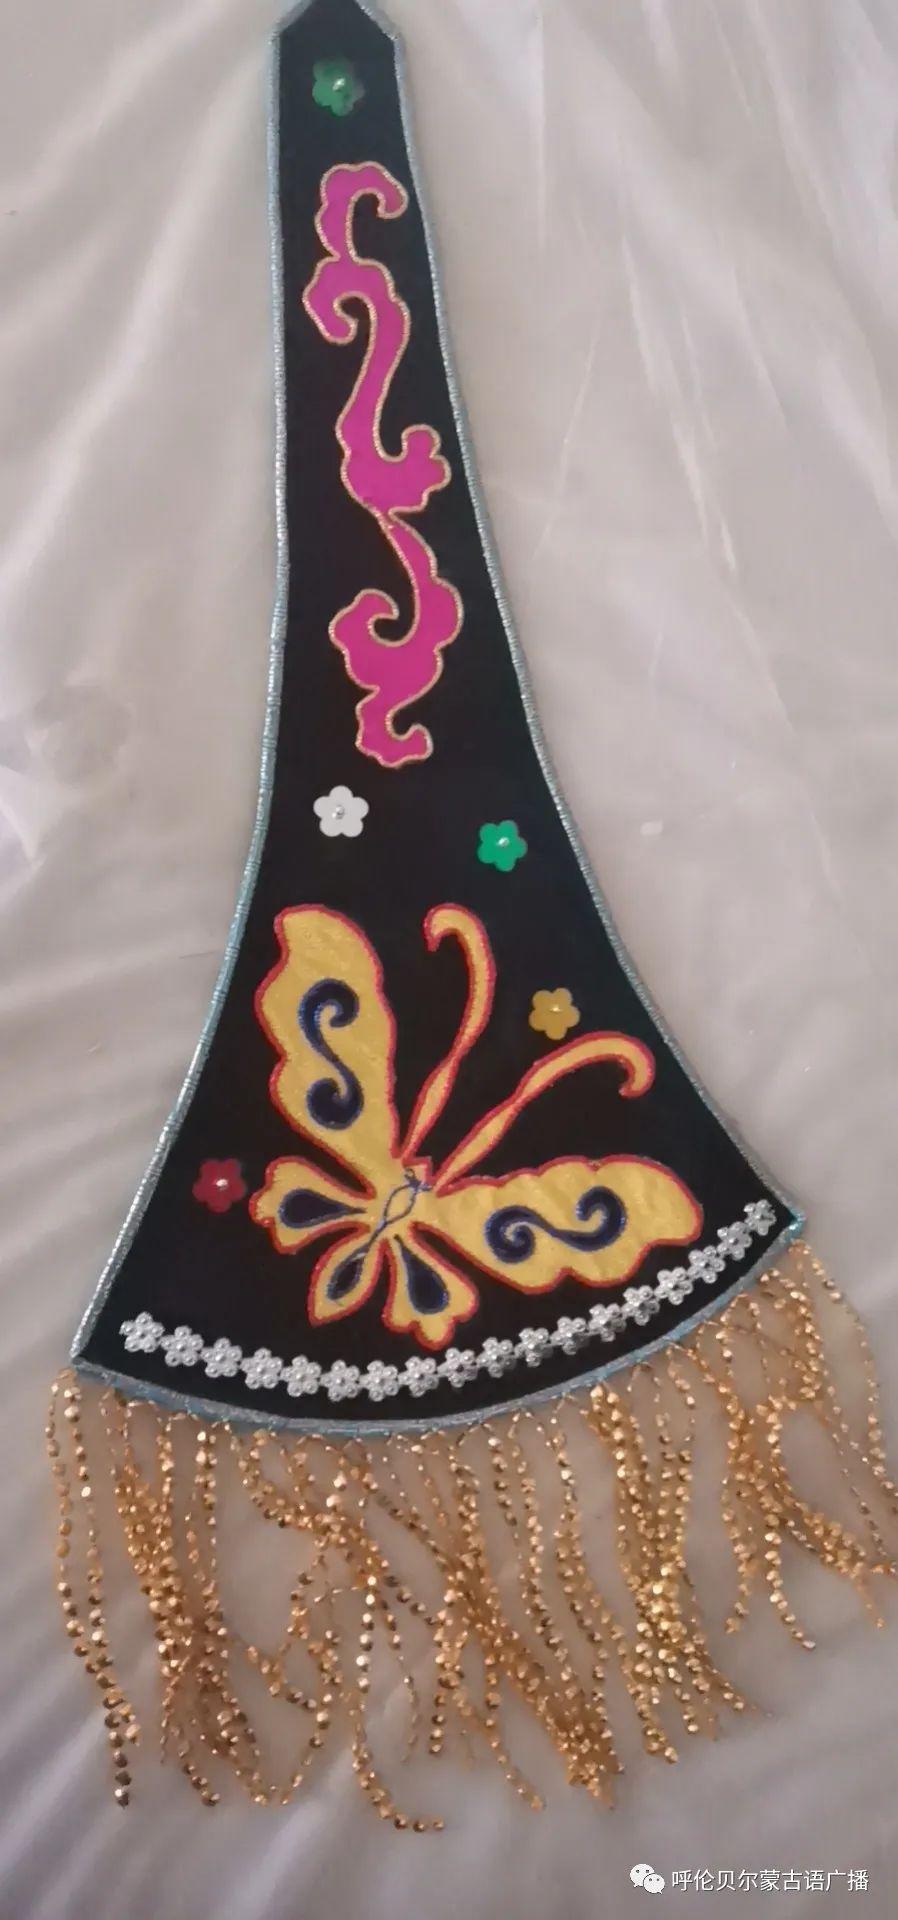 传统陈巴尔虎袍子传承人—敖登高娃 第16张 传统陈巴尔虎袍子传承人—敖登高娃 蒙古服饰